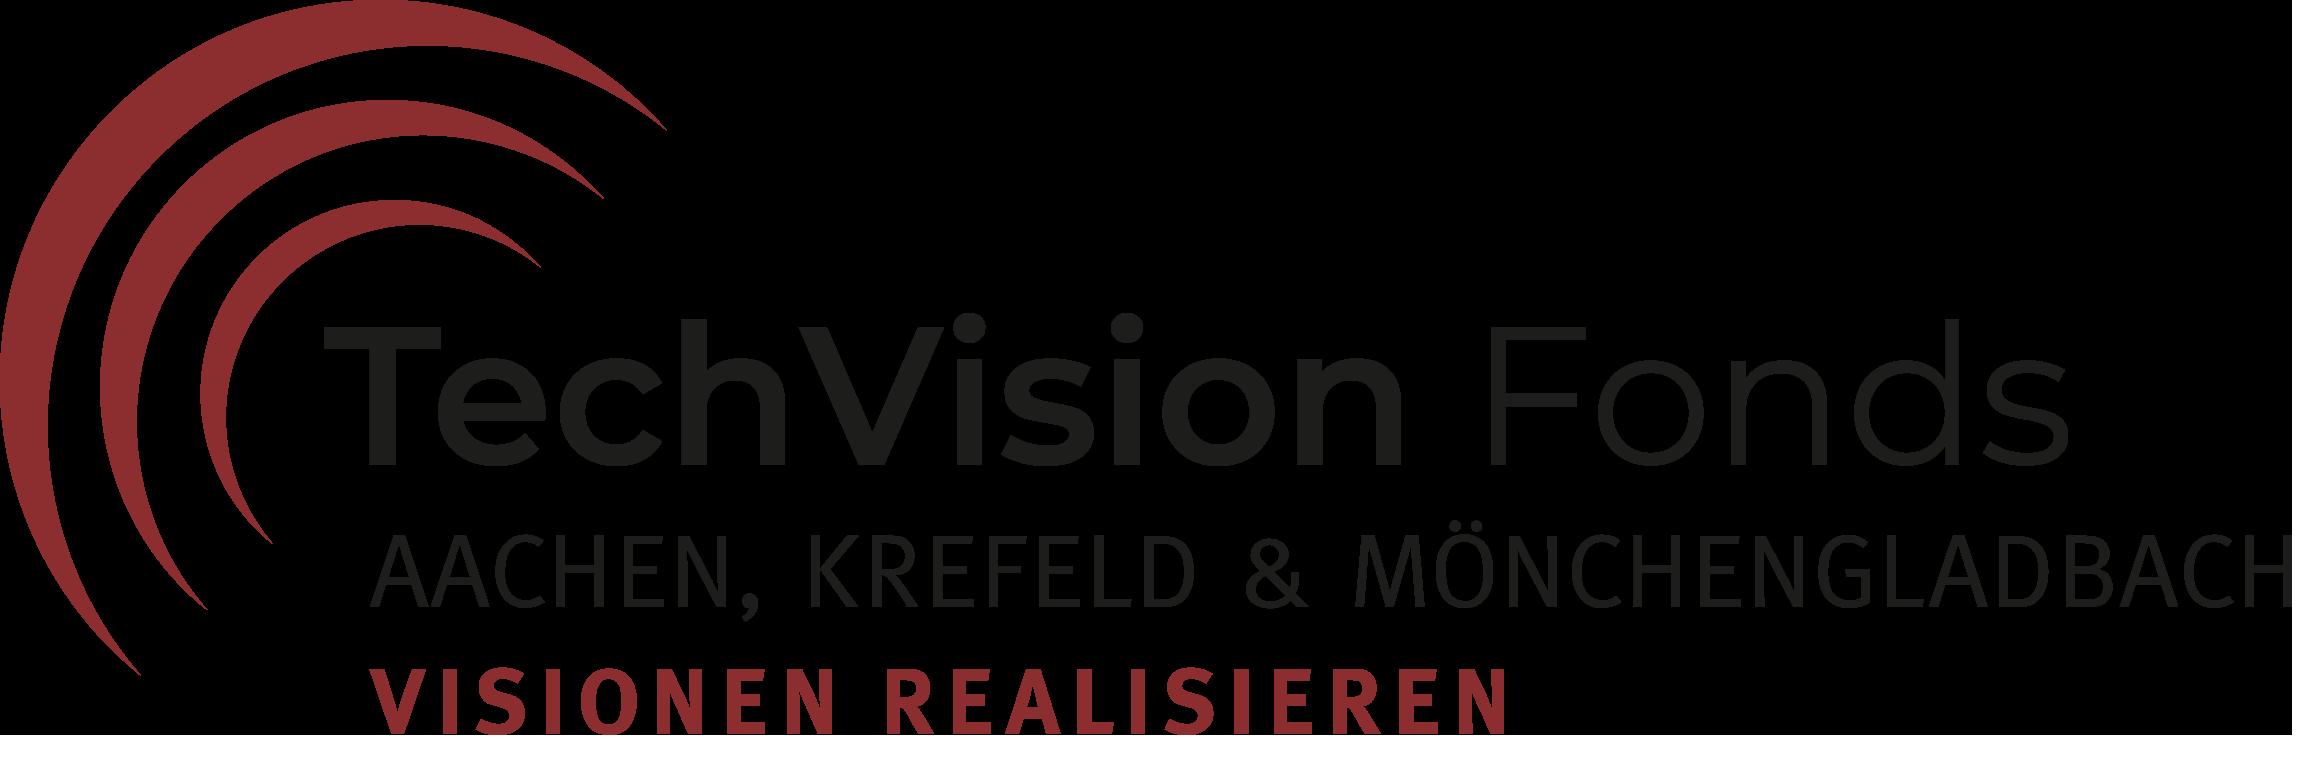 Aachen Krefeld